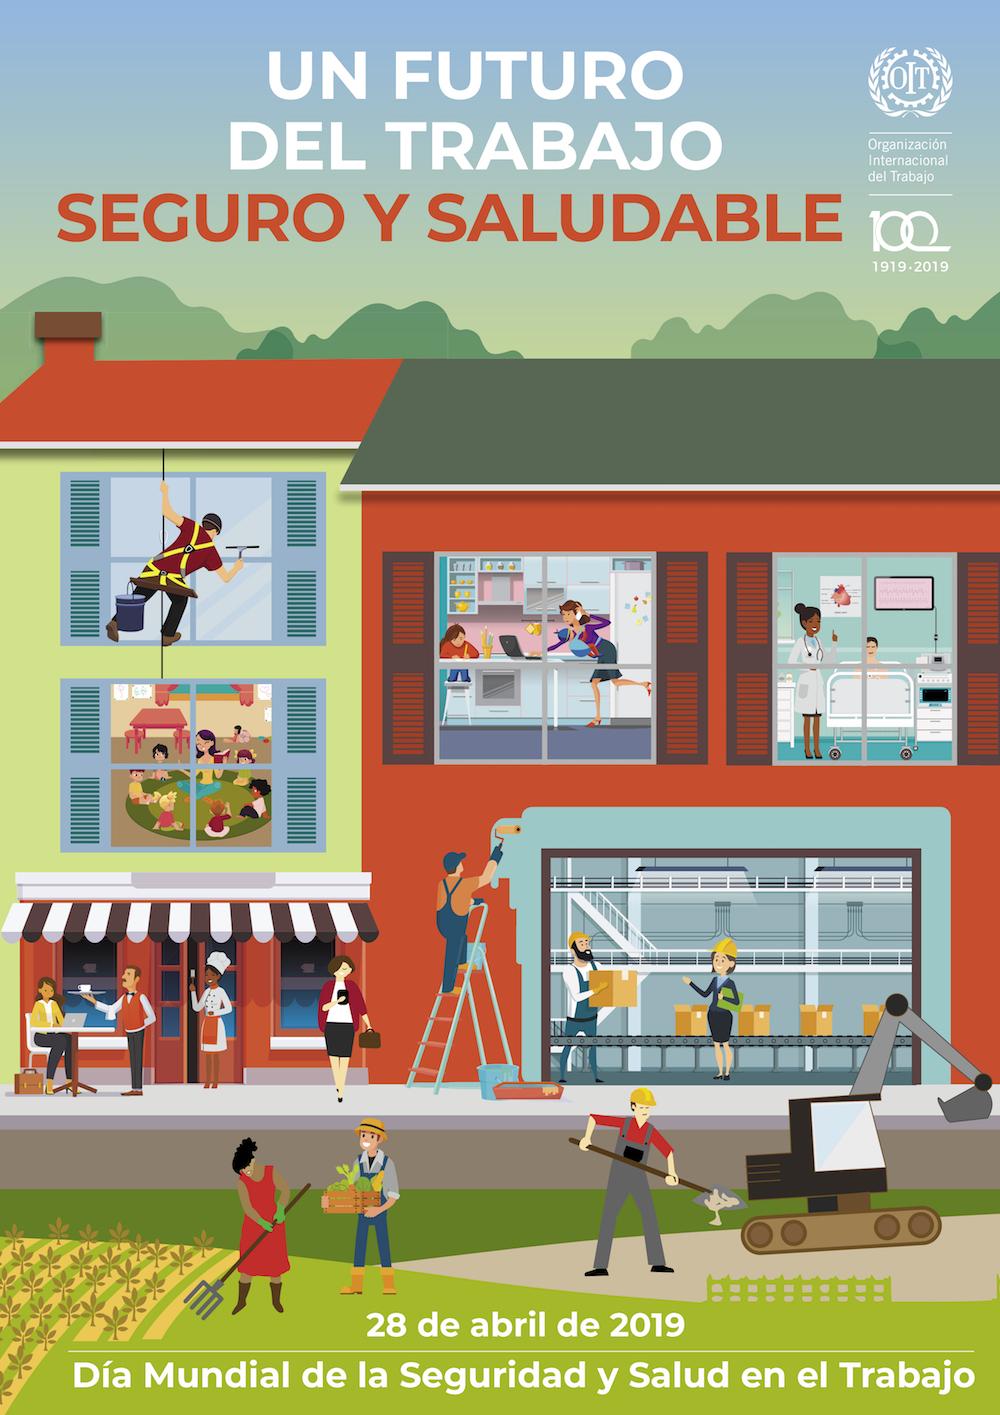 Día Mundial de Seguridad y Salud en el Trabajo 2019